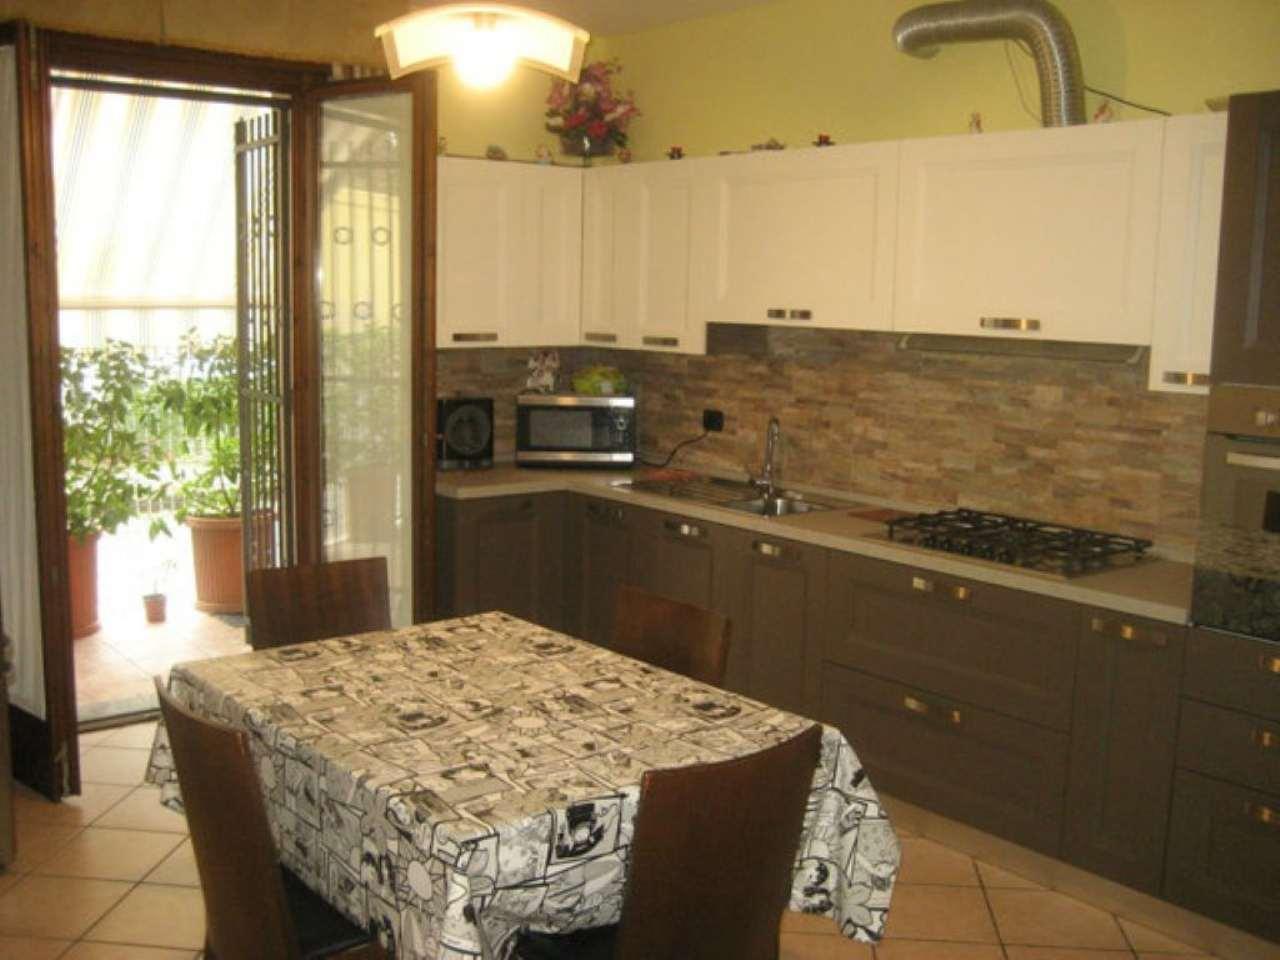 Appartamento in vendita a Mira, 3 locali, prezzo € 125.000 | CambioCasa.it